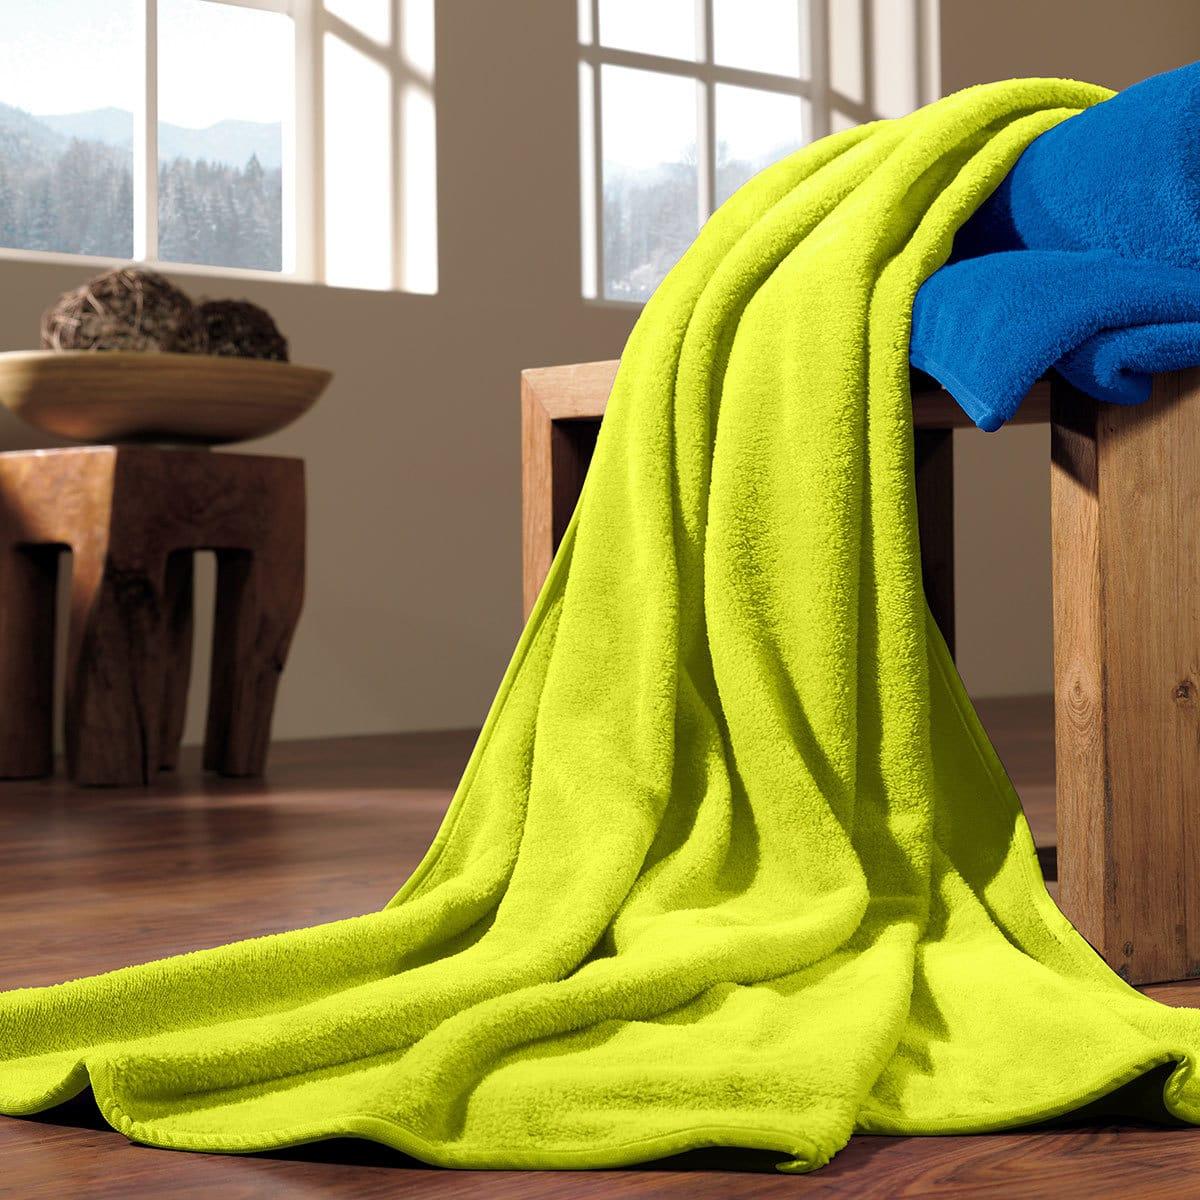 s oliver mikrofaser decke wellsoft g nstig online kaufen. Black Bedroom Furniture Sets. Home Design Ideas